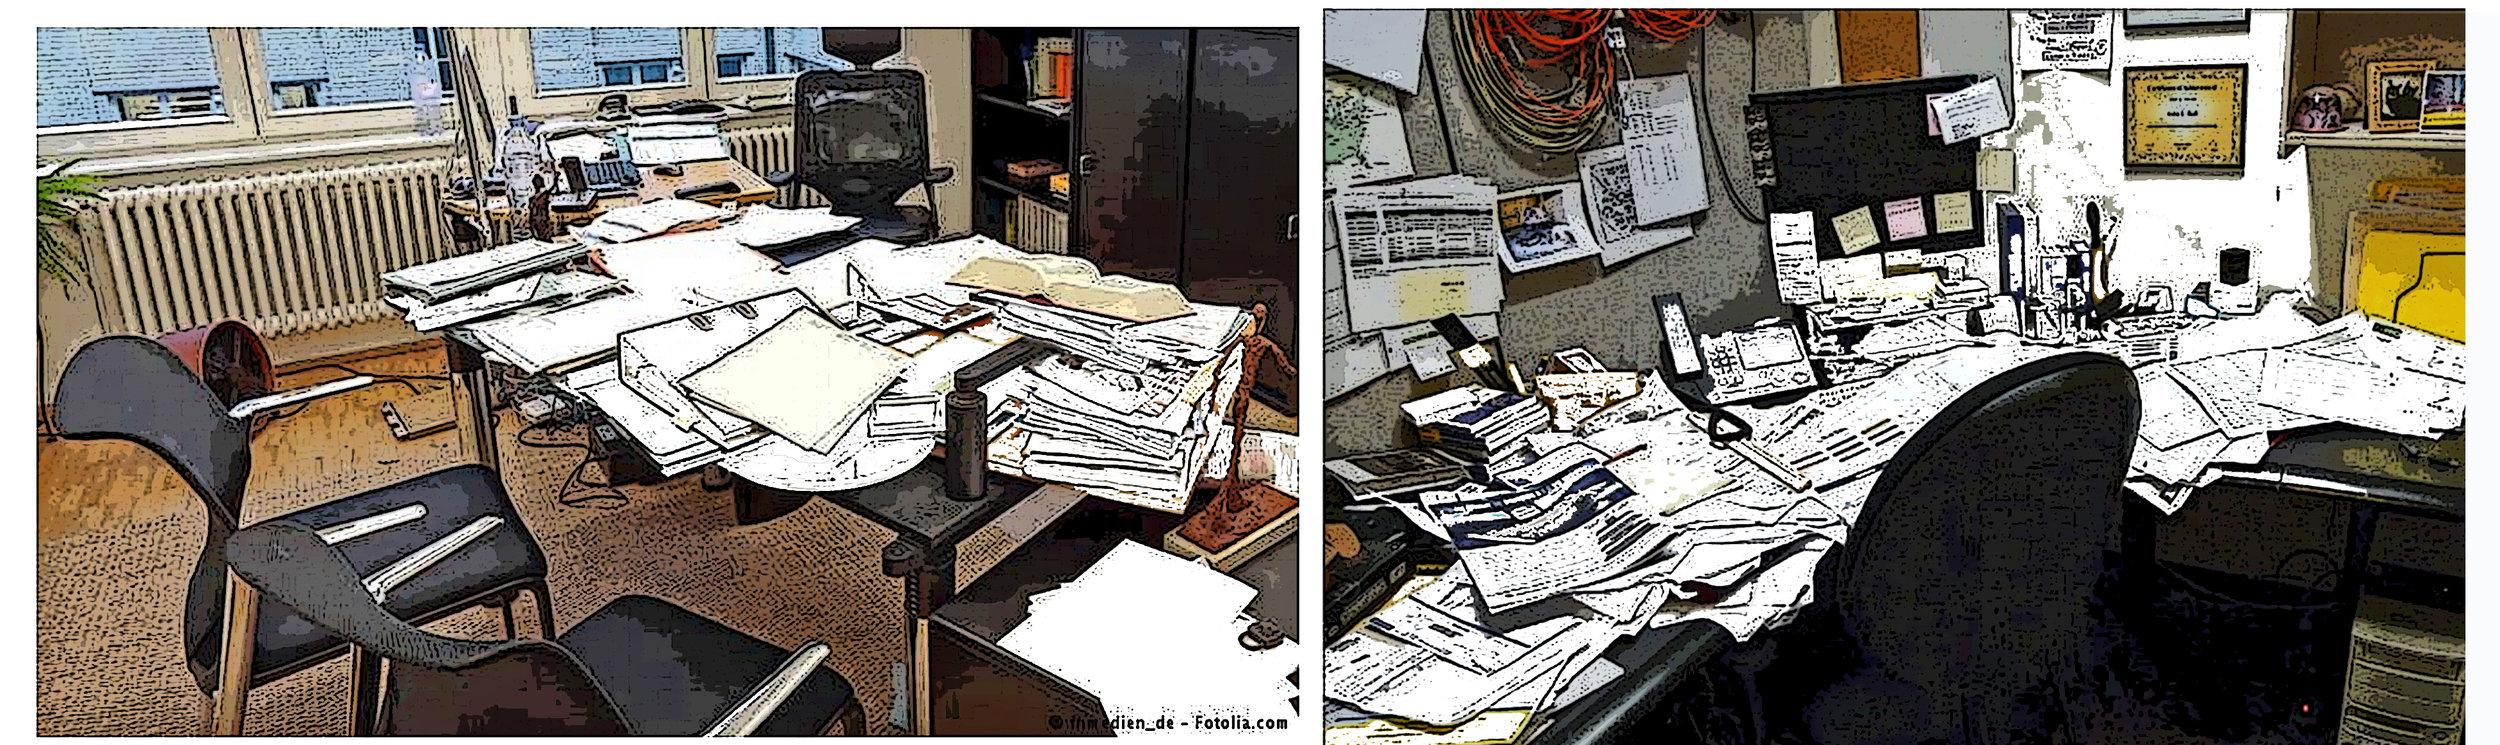 messy bb.jpg